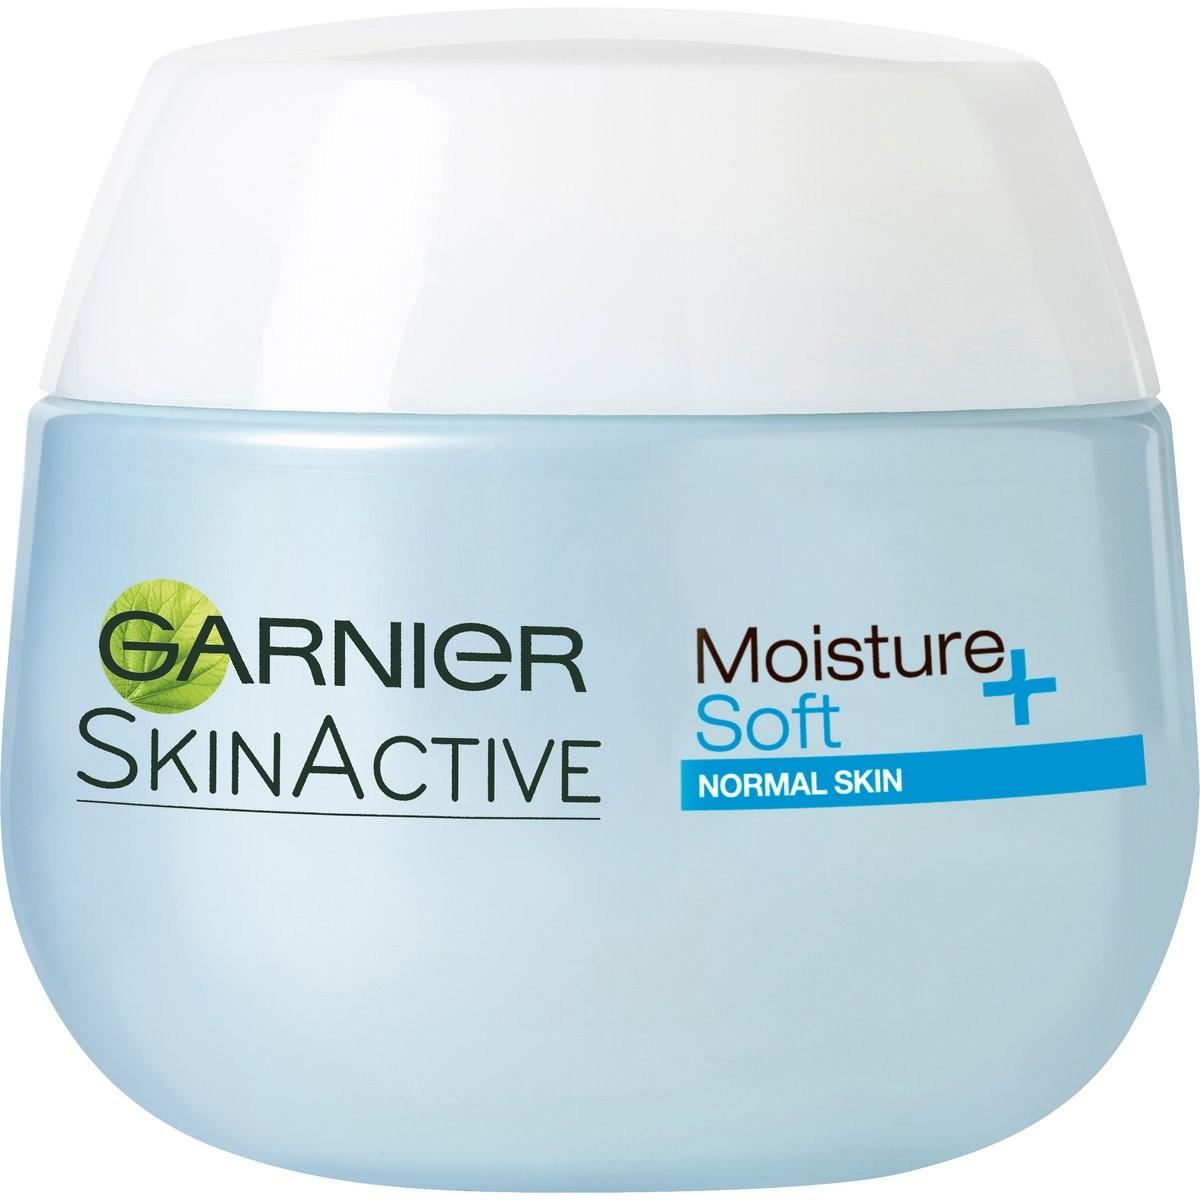 garnier moisture soft